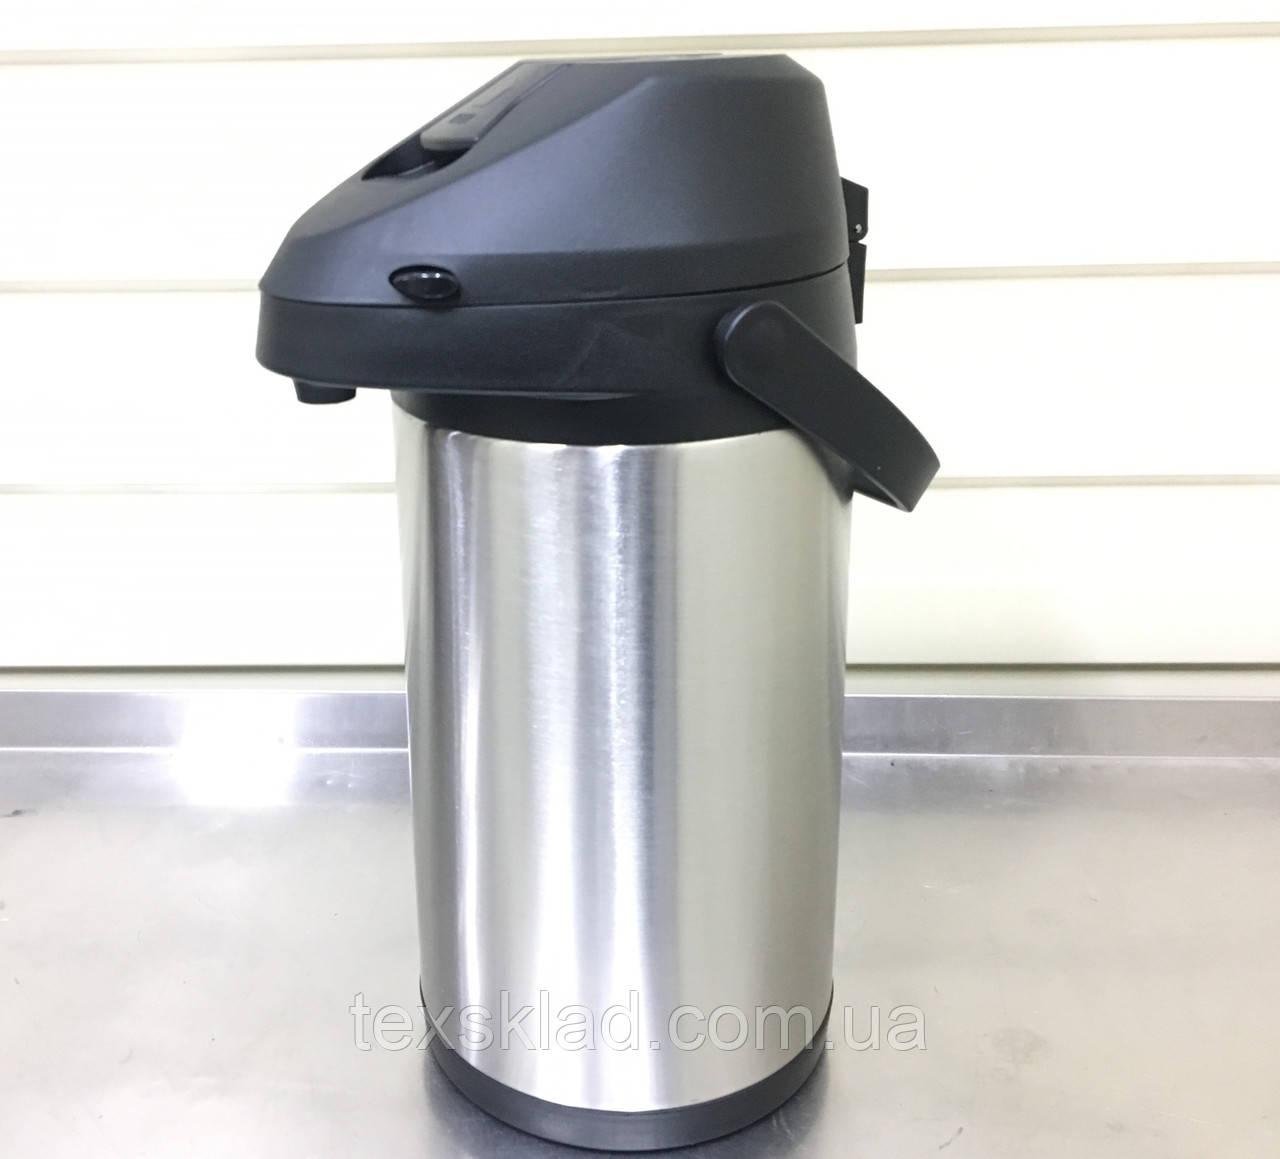 Термос 4,0 литра помповый вакуумный со стальной колбой Eco new